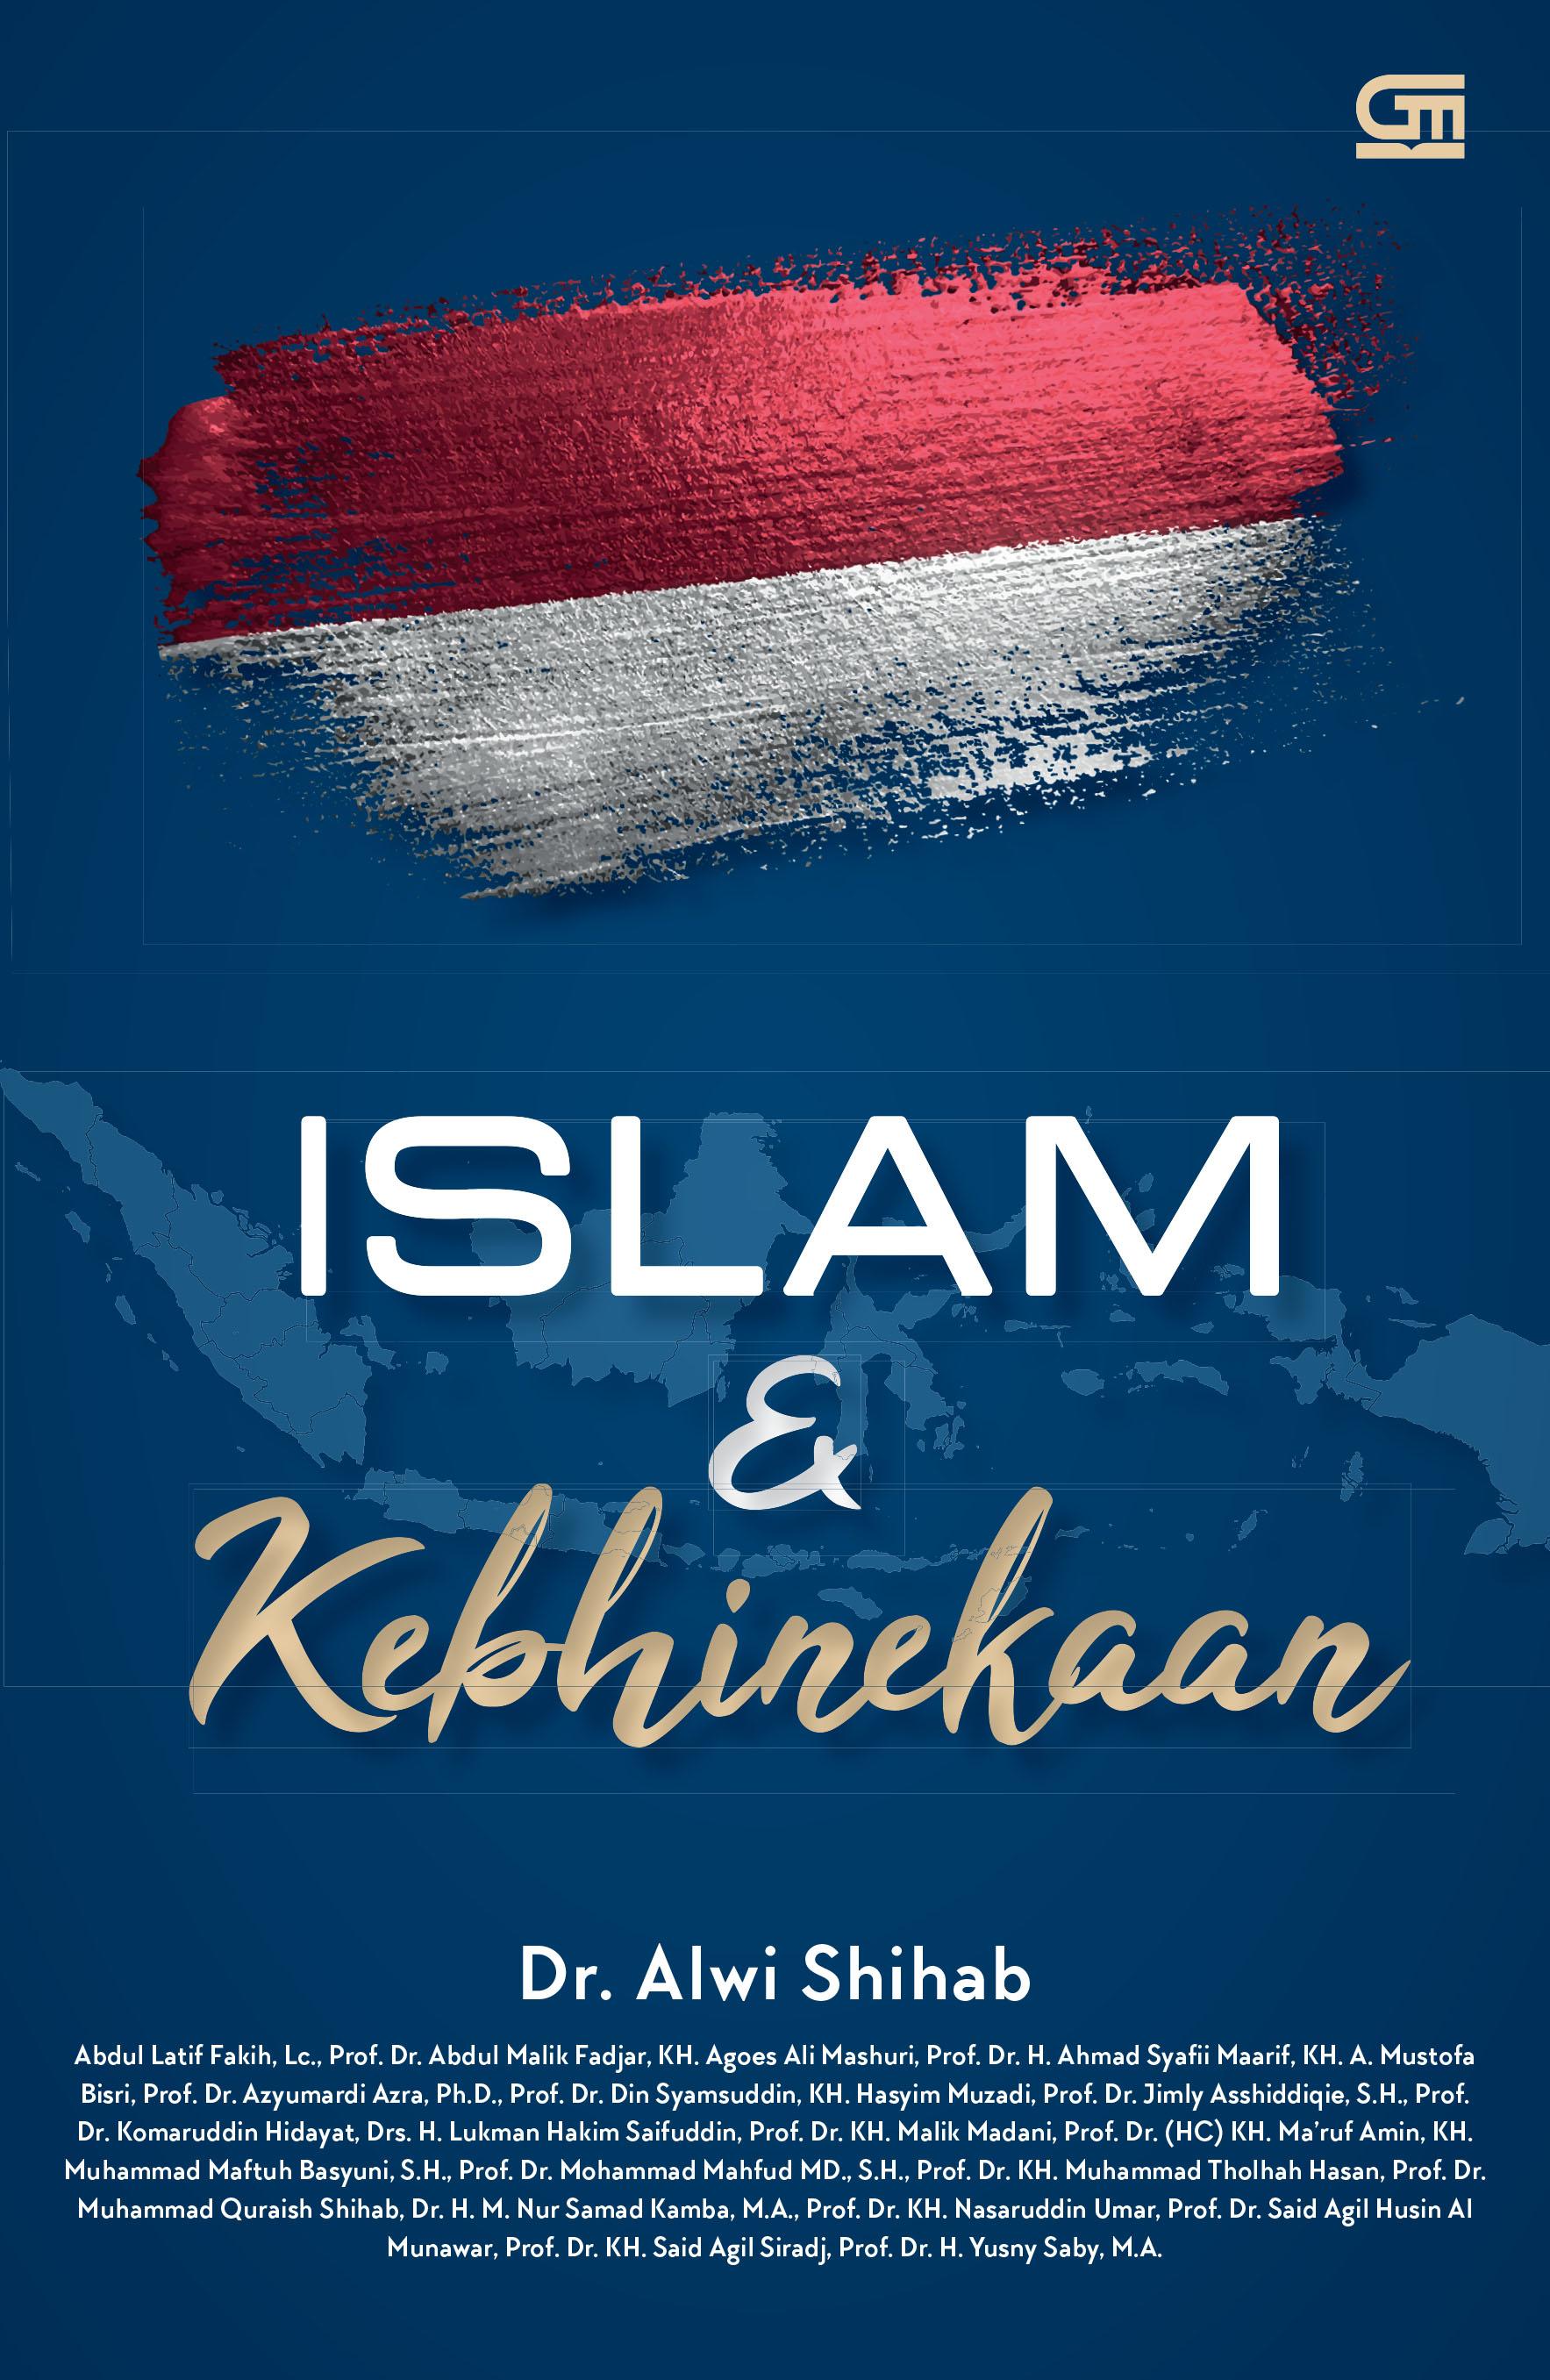 Islam & Kebhinekaan